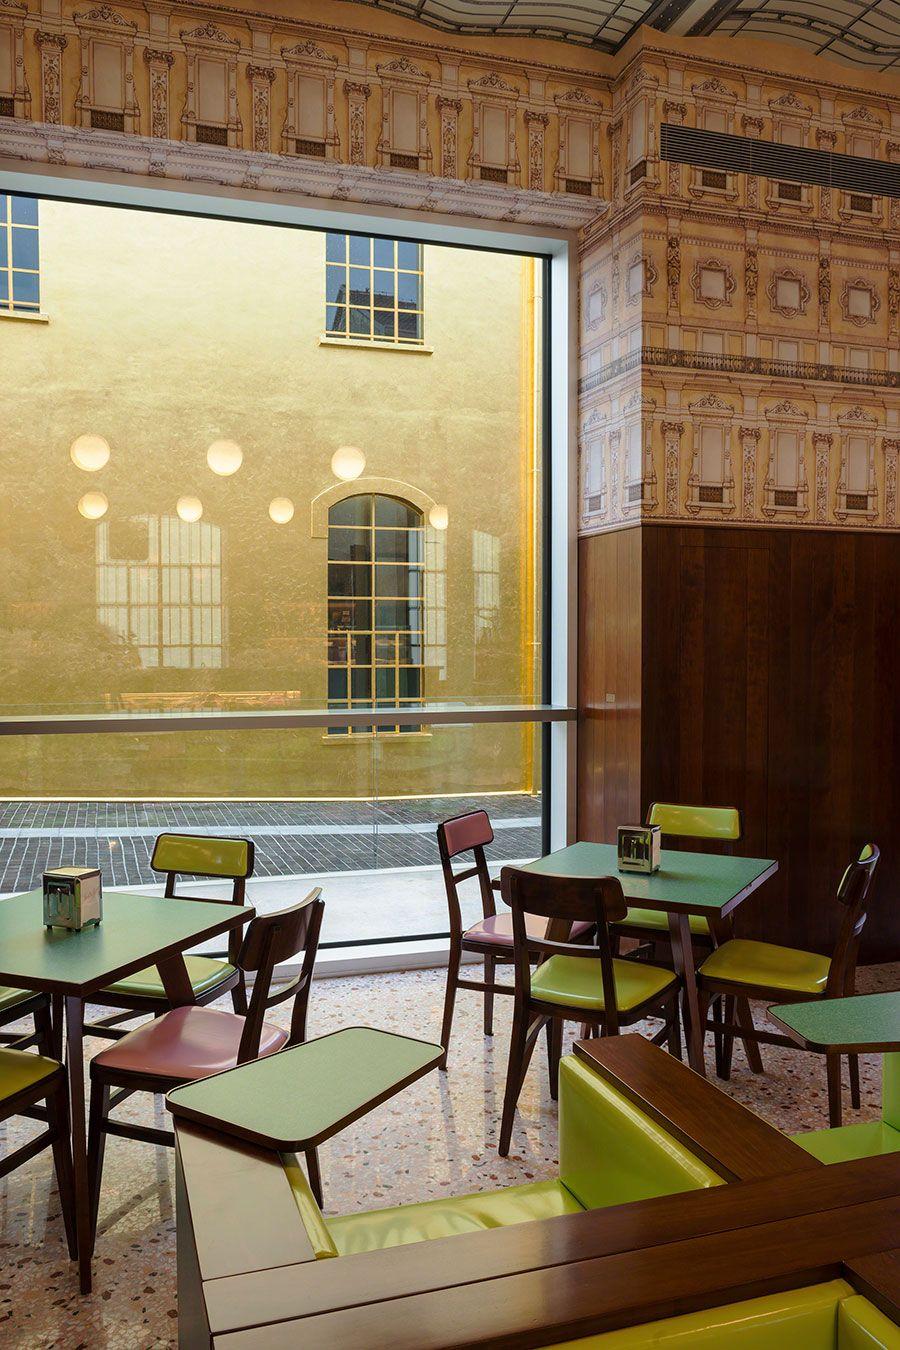 Bar LuceDesigned by Wes AndersonFondazione Prada Milano2015Photo Attilio MaranzanoCourtesy Fondazione Prada.